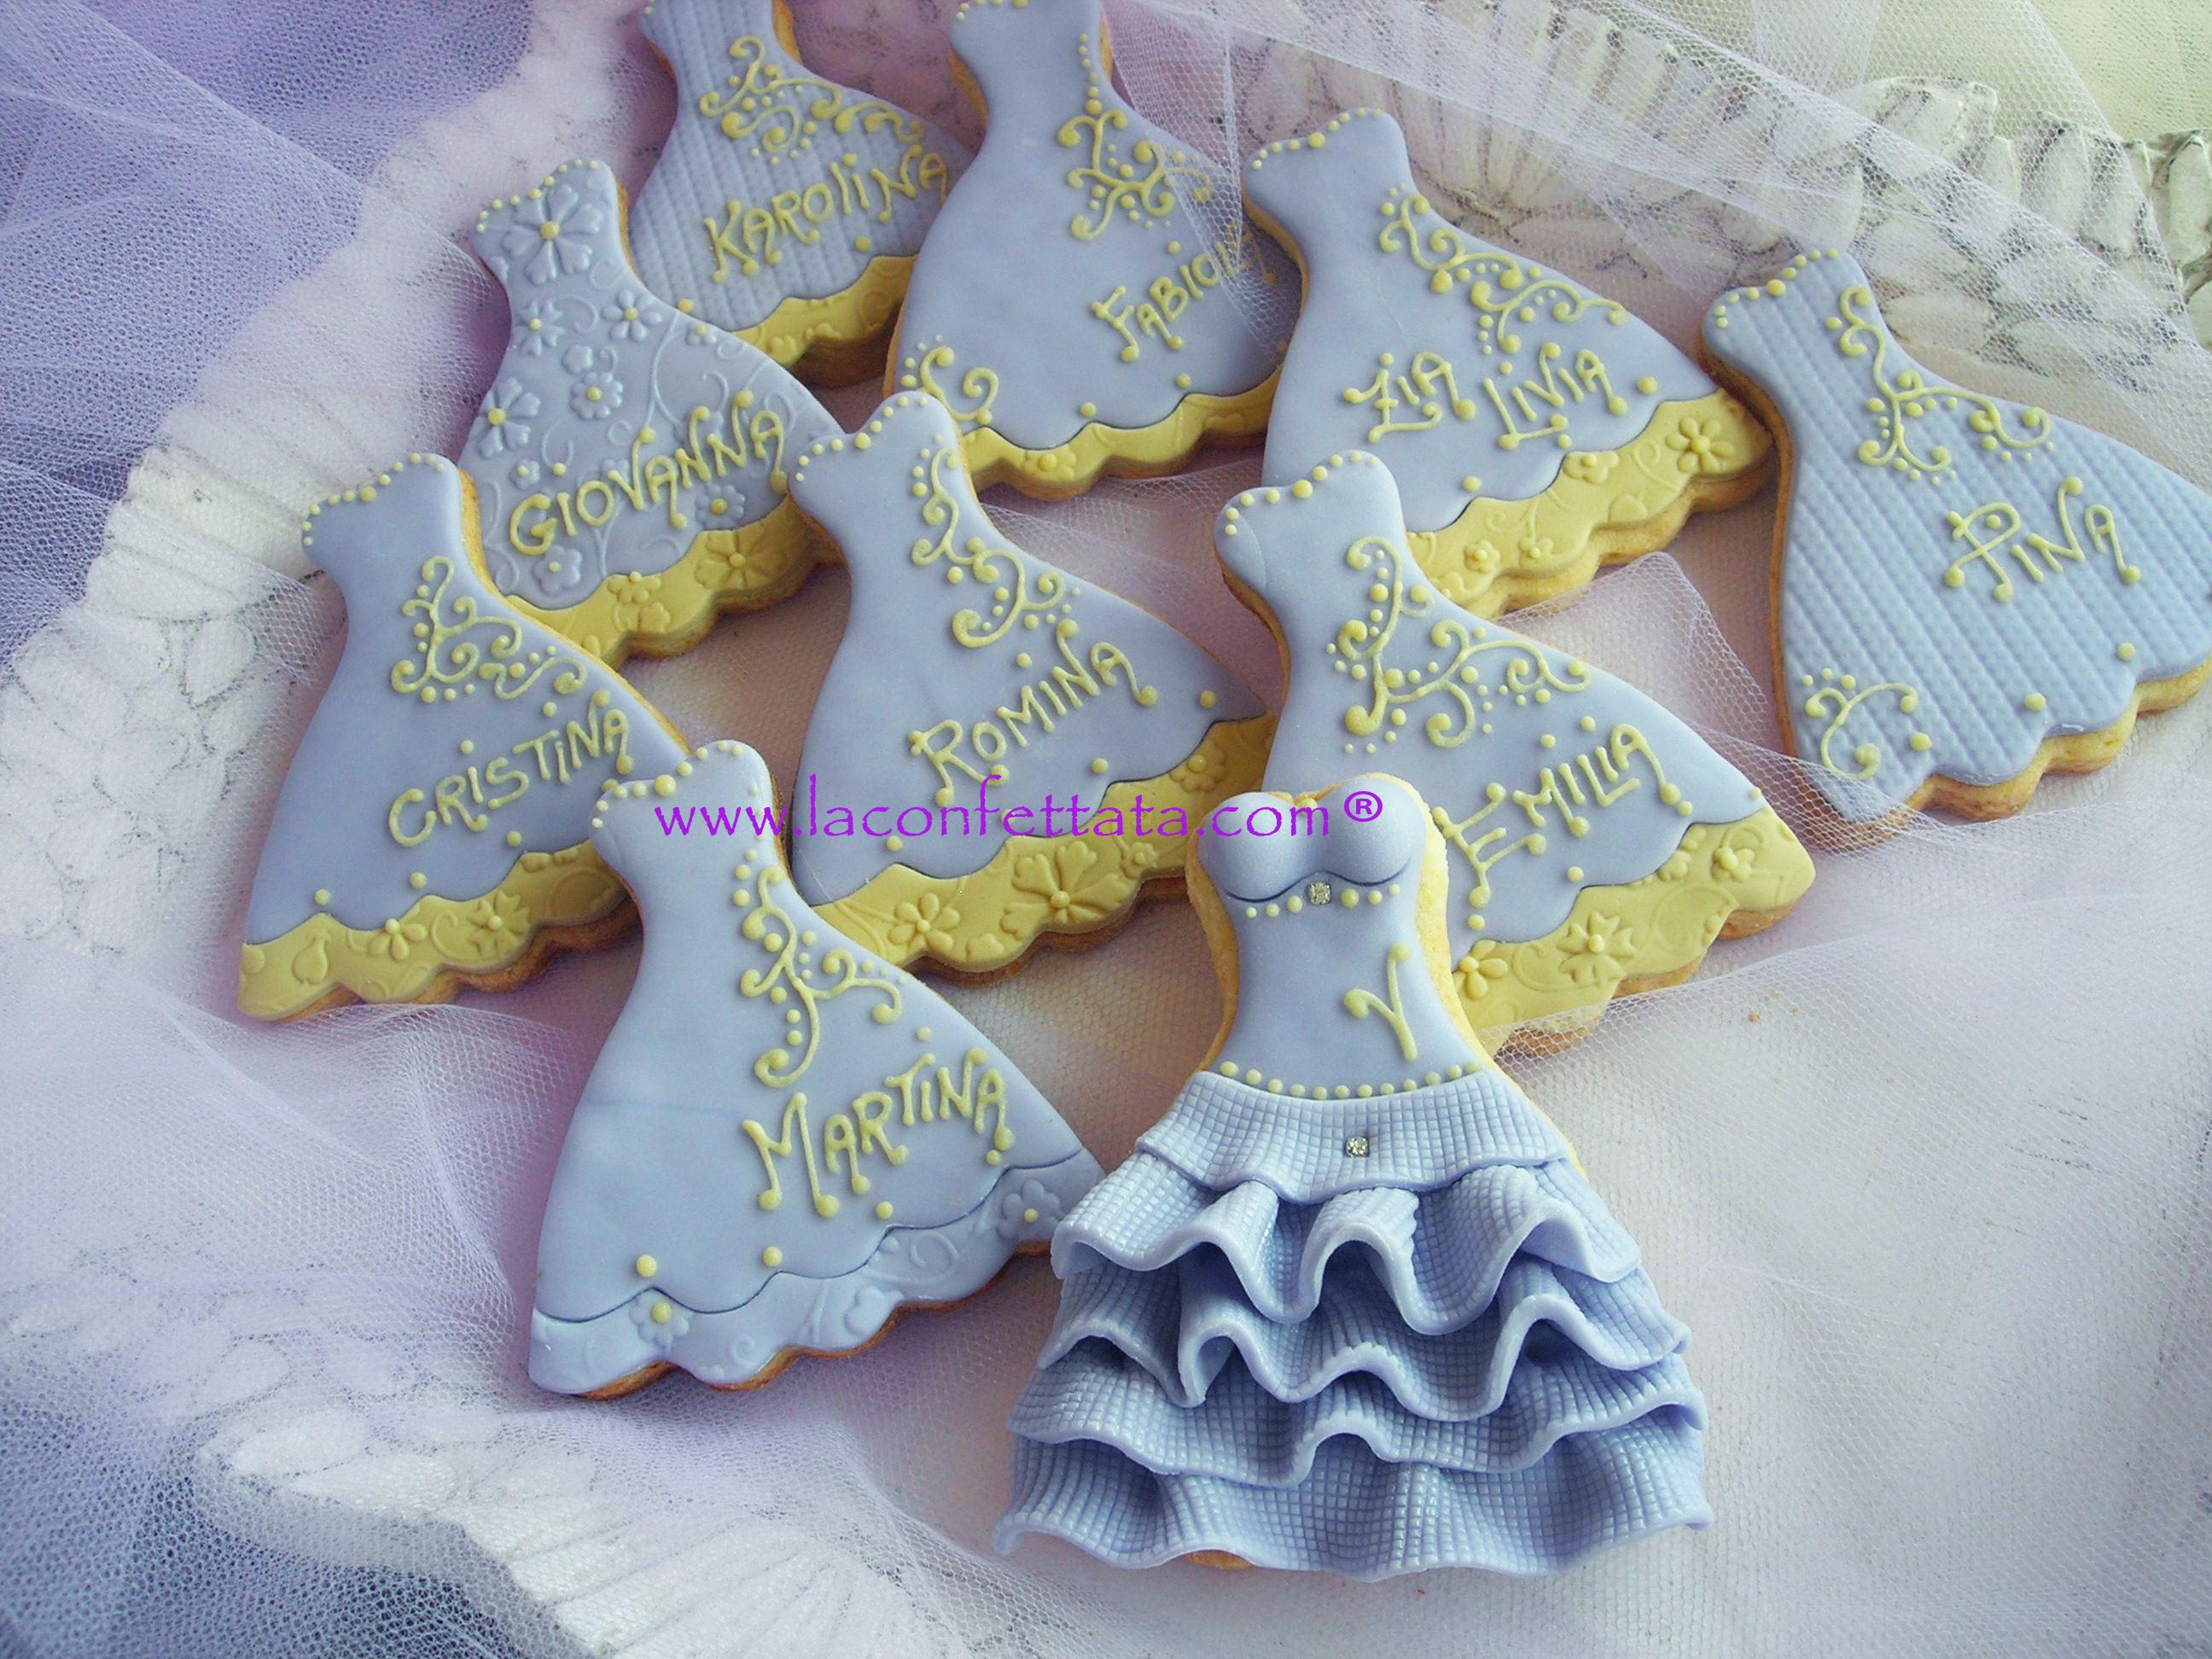 biscotti decorati comunione, segnaposto eleganti, segnaposto decorati, biscotti decorati